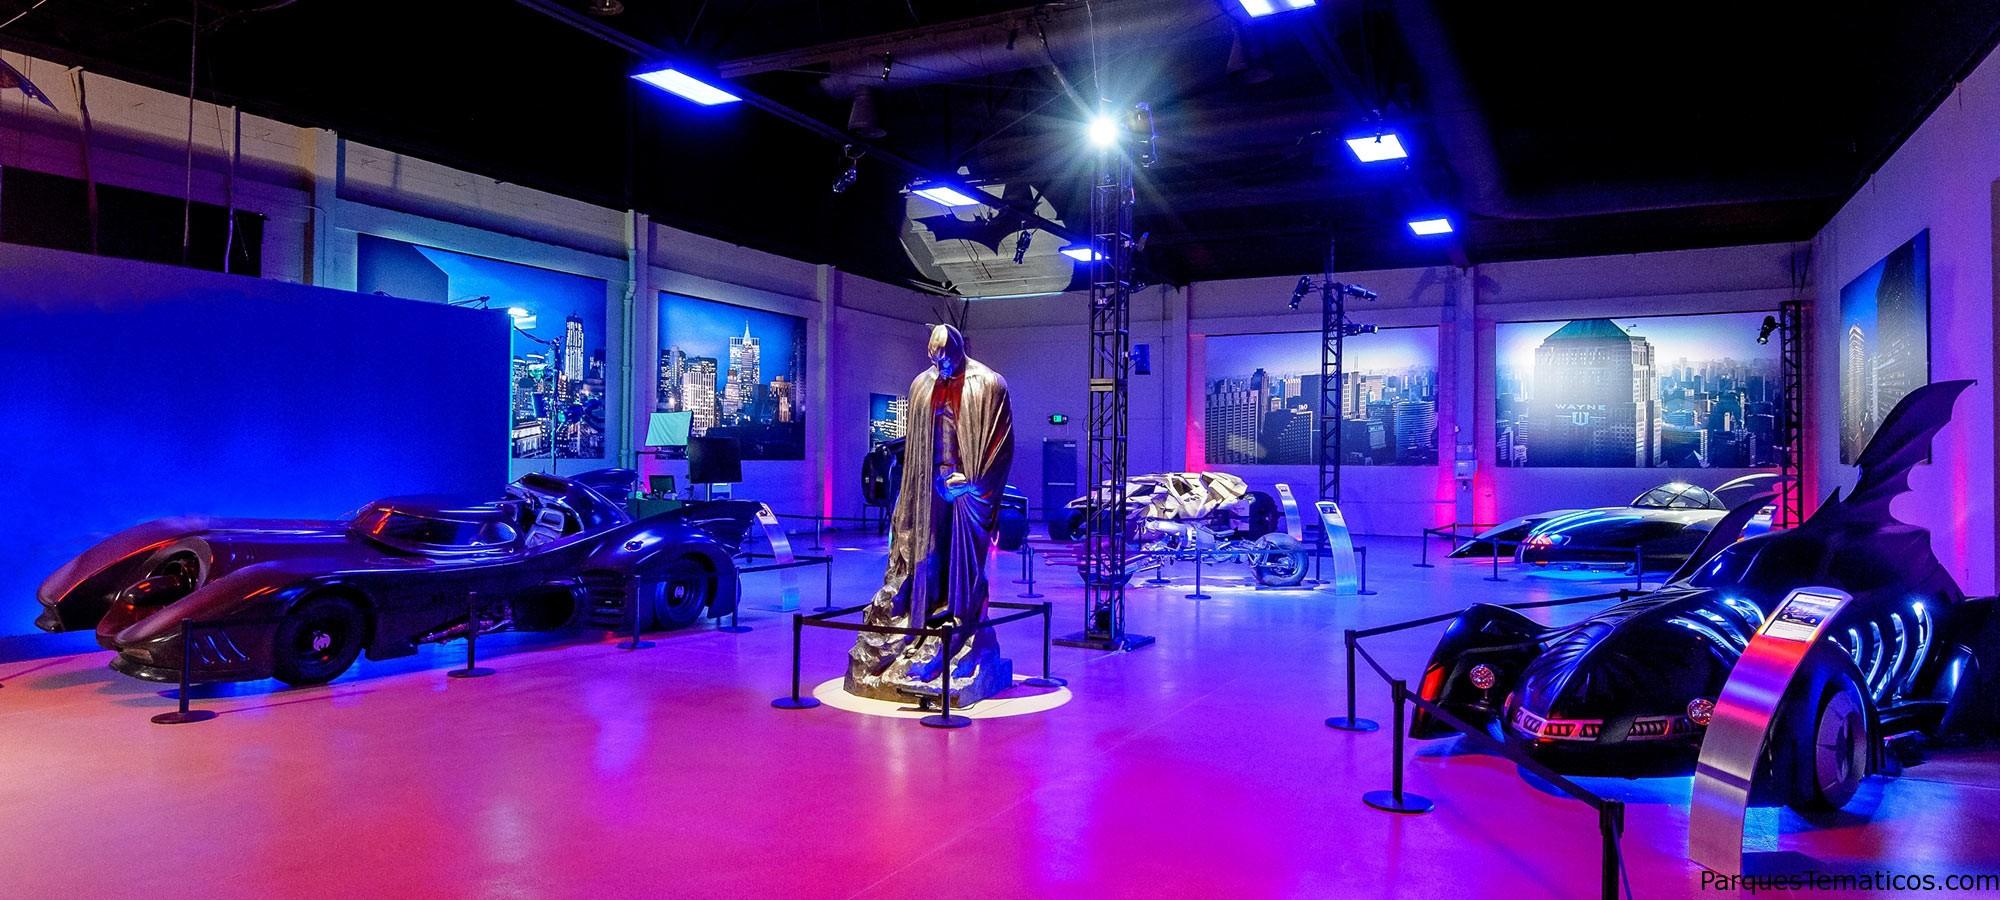 Warner Bross Studios en la ciudad de Los Angeles, Hollywood, California